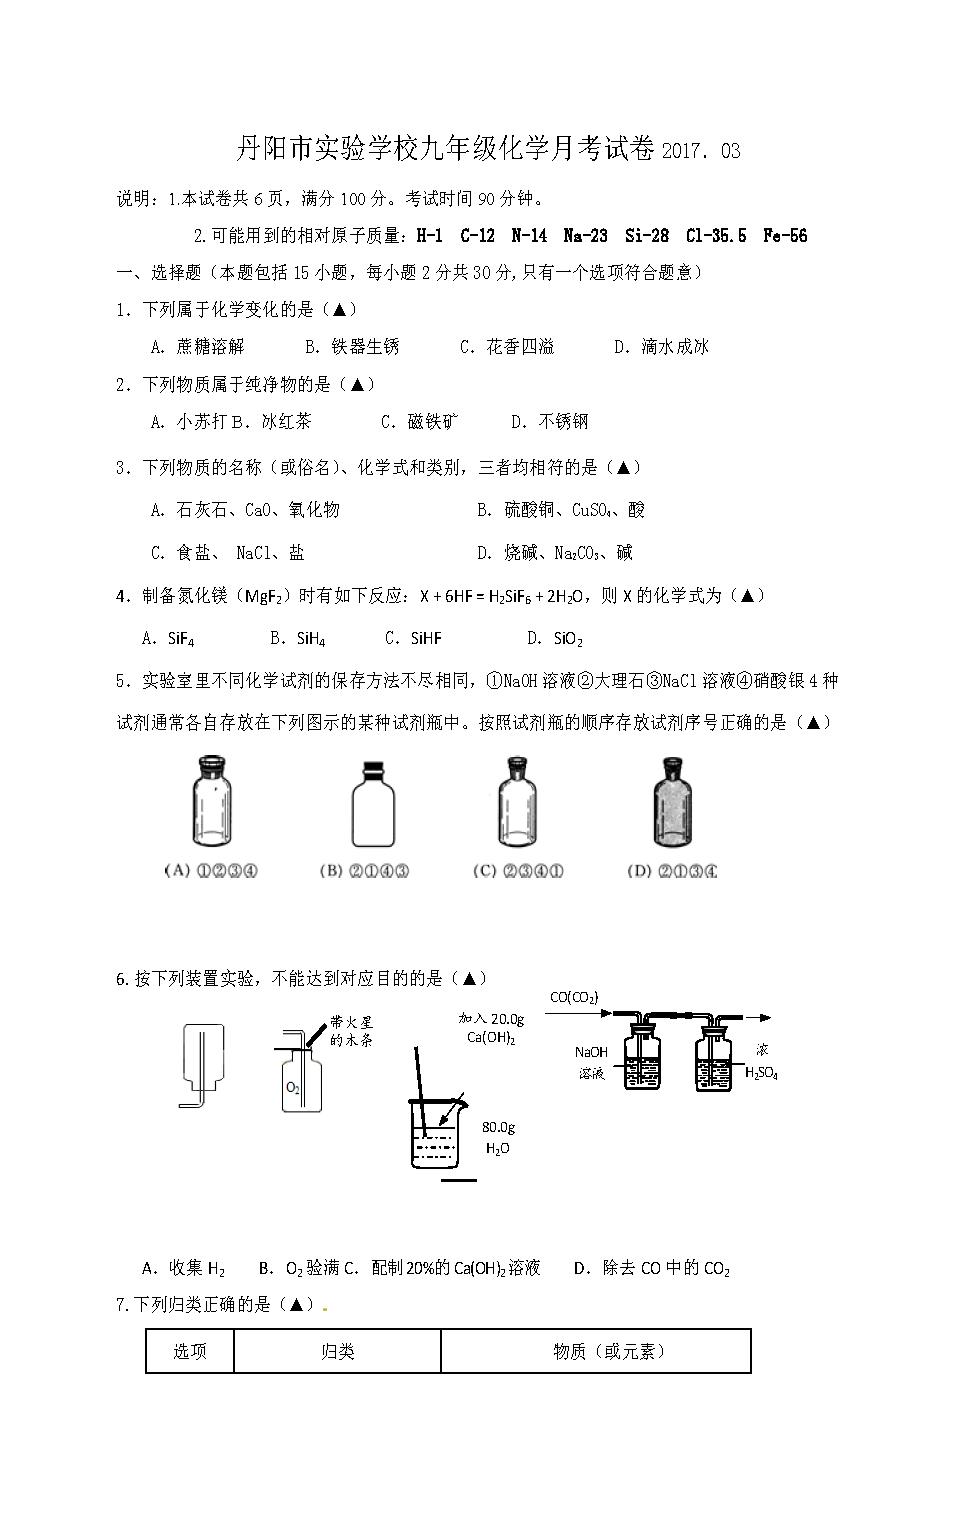 江苏镇江丹阳实验学校2017九年级3月月考化学试题(Word版)